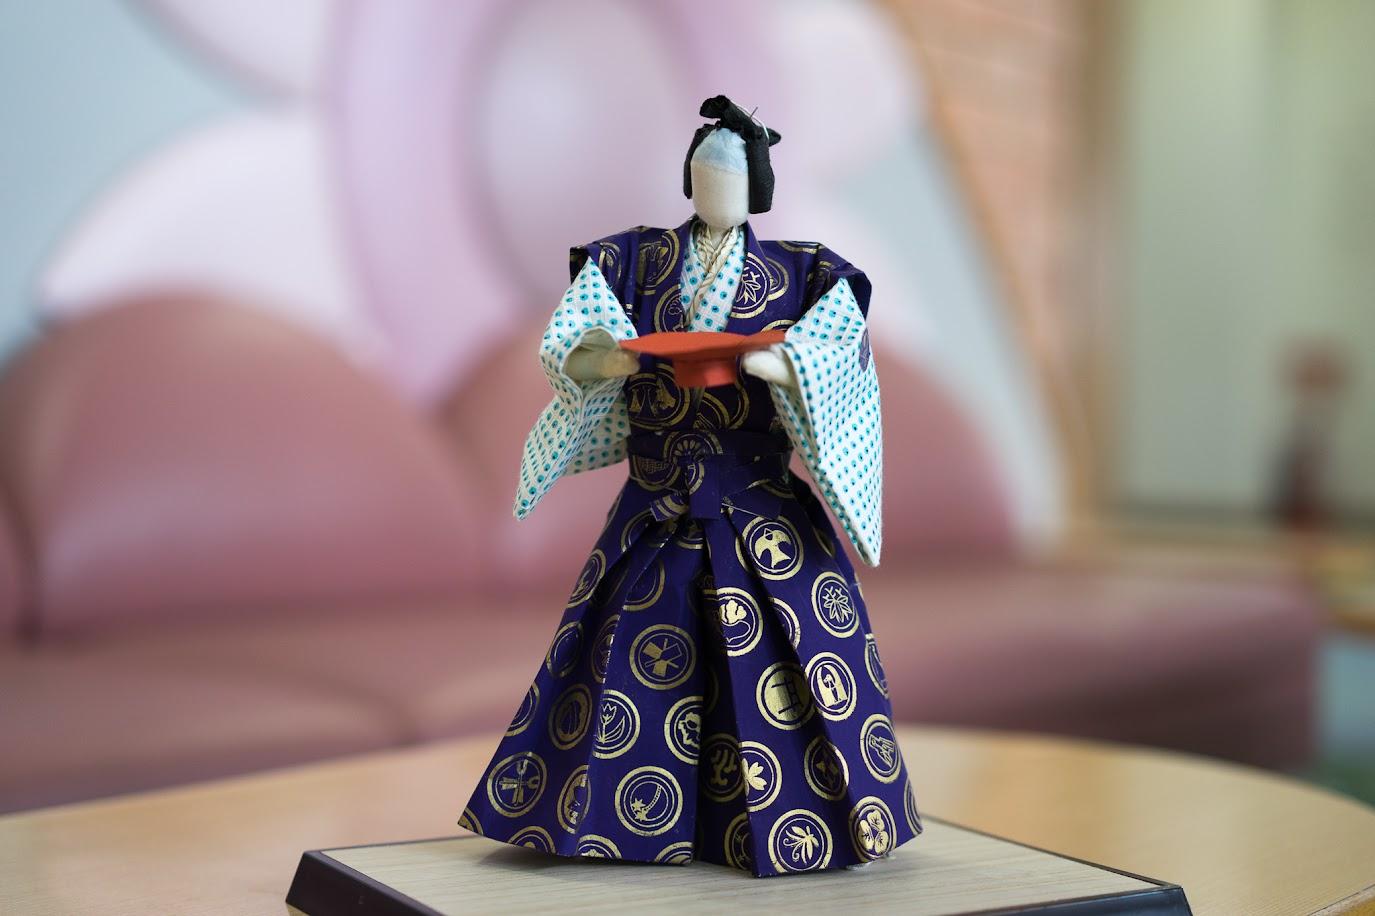 武士の誉れを示すお祝いの和紙人形「黒田武士」